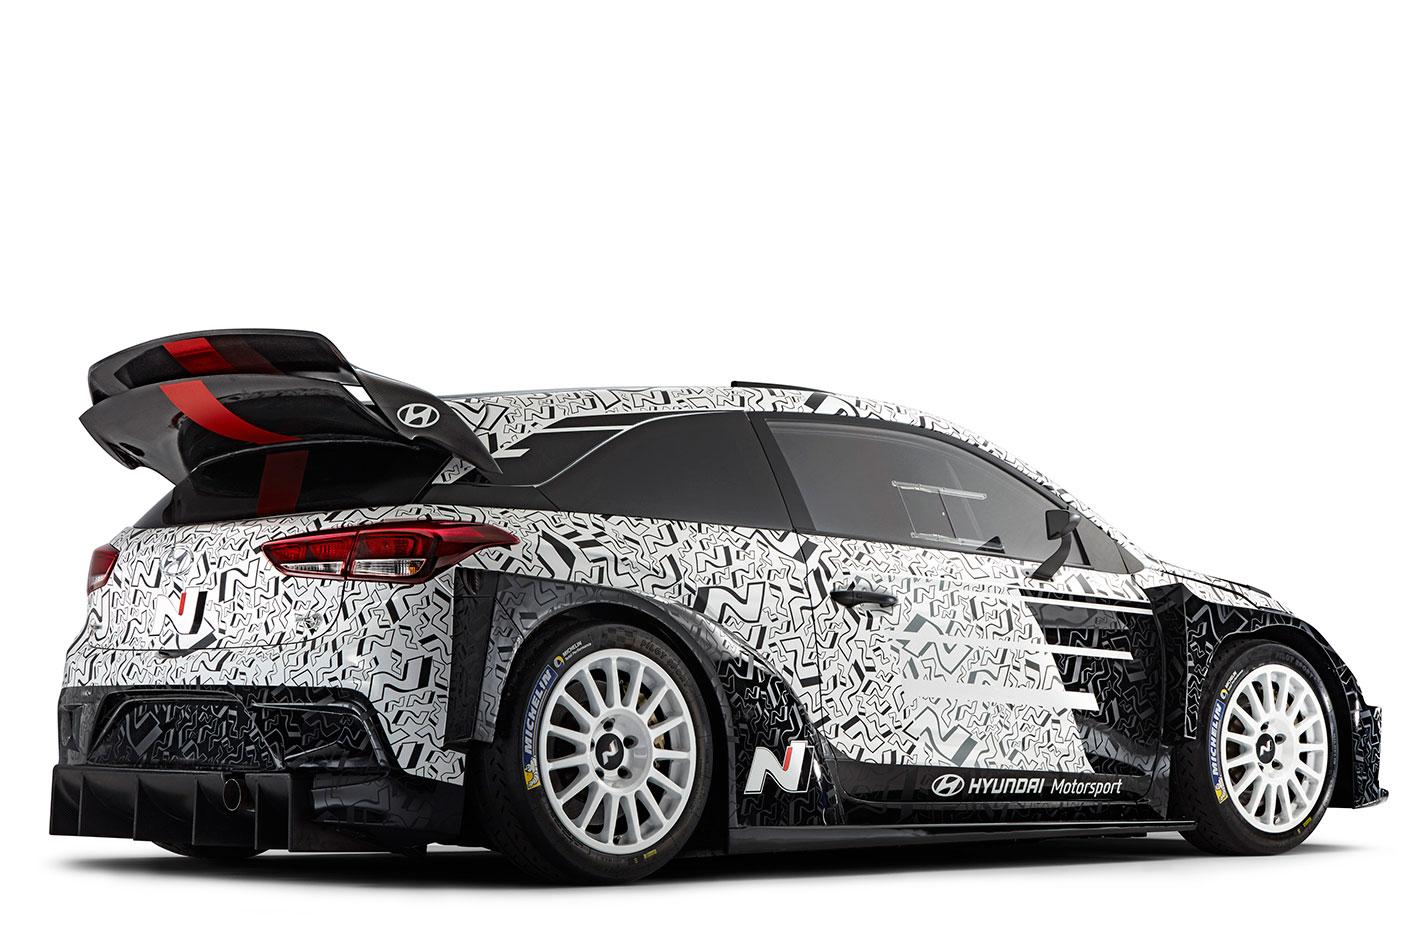 2017-Hyundai i20 WRC rear